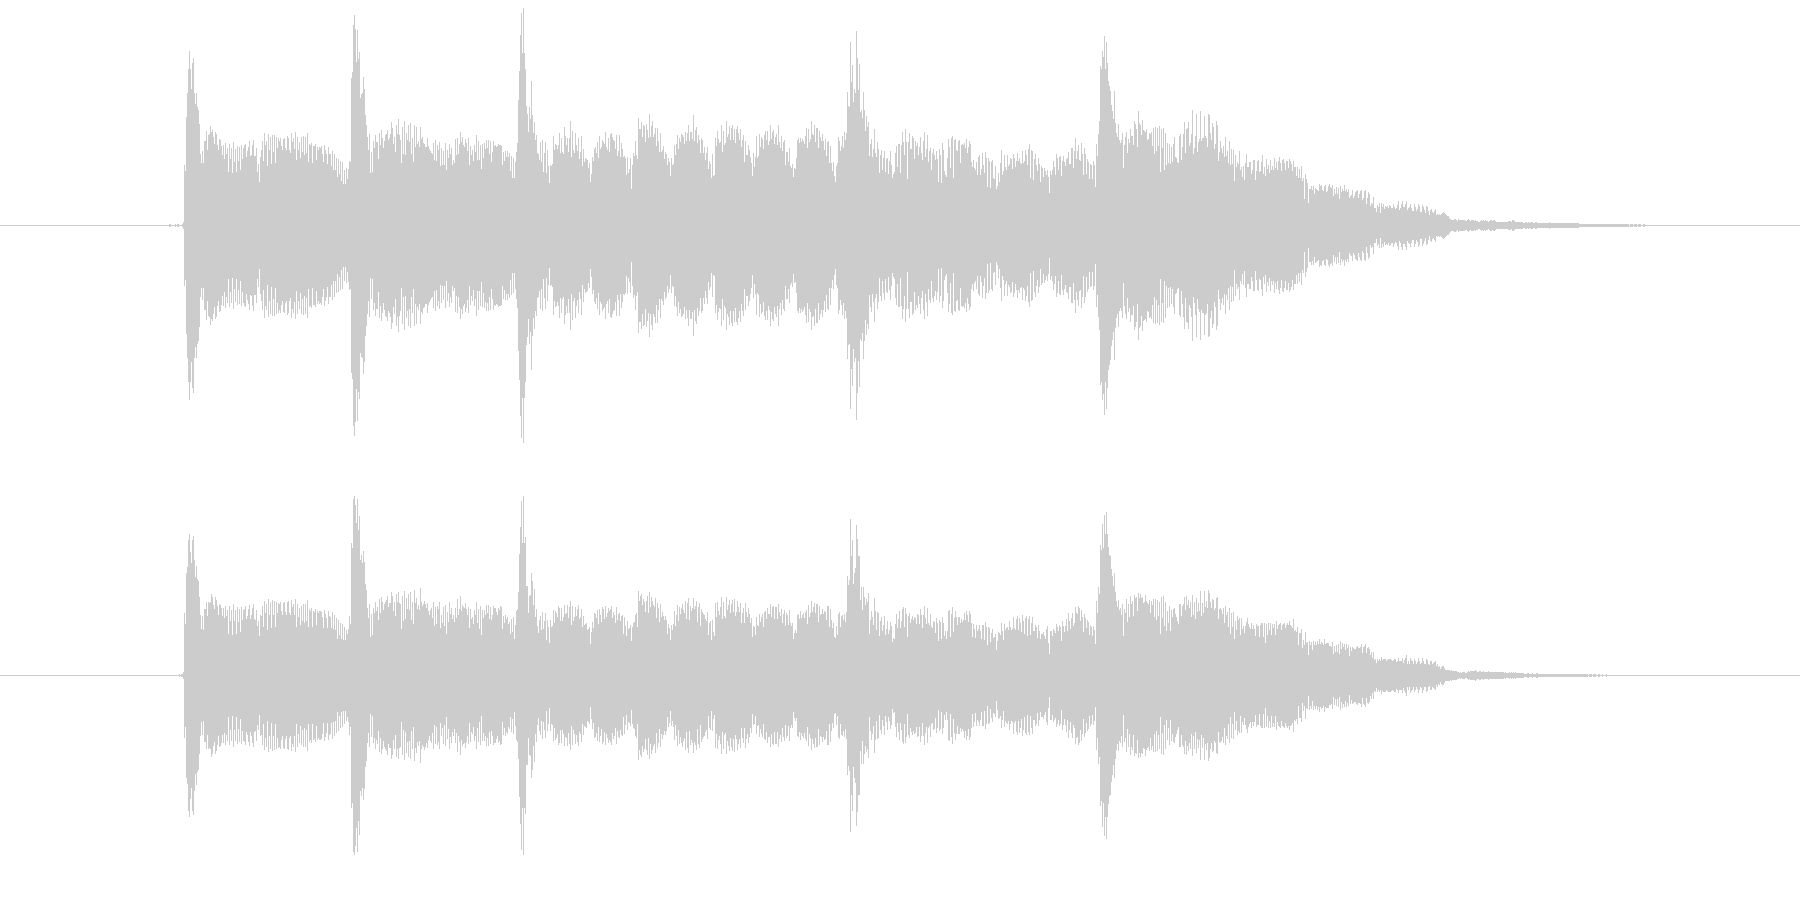 かわいいサウンドロゴ アイキャッチ電子音の未再生の波形